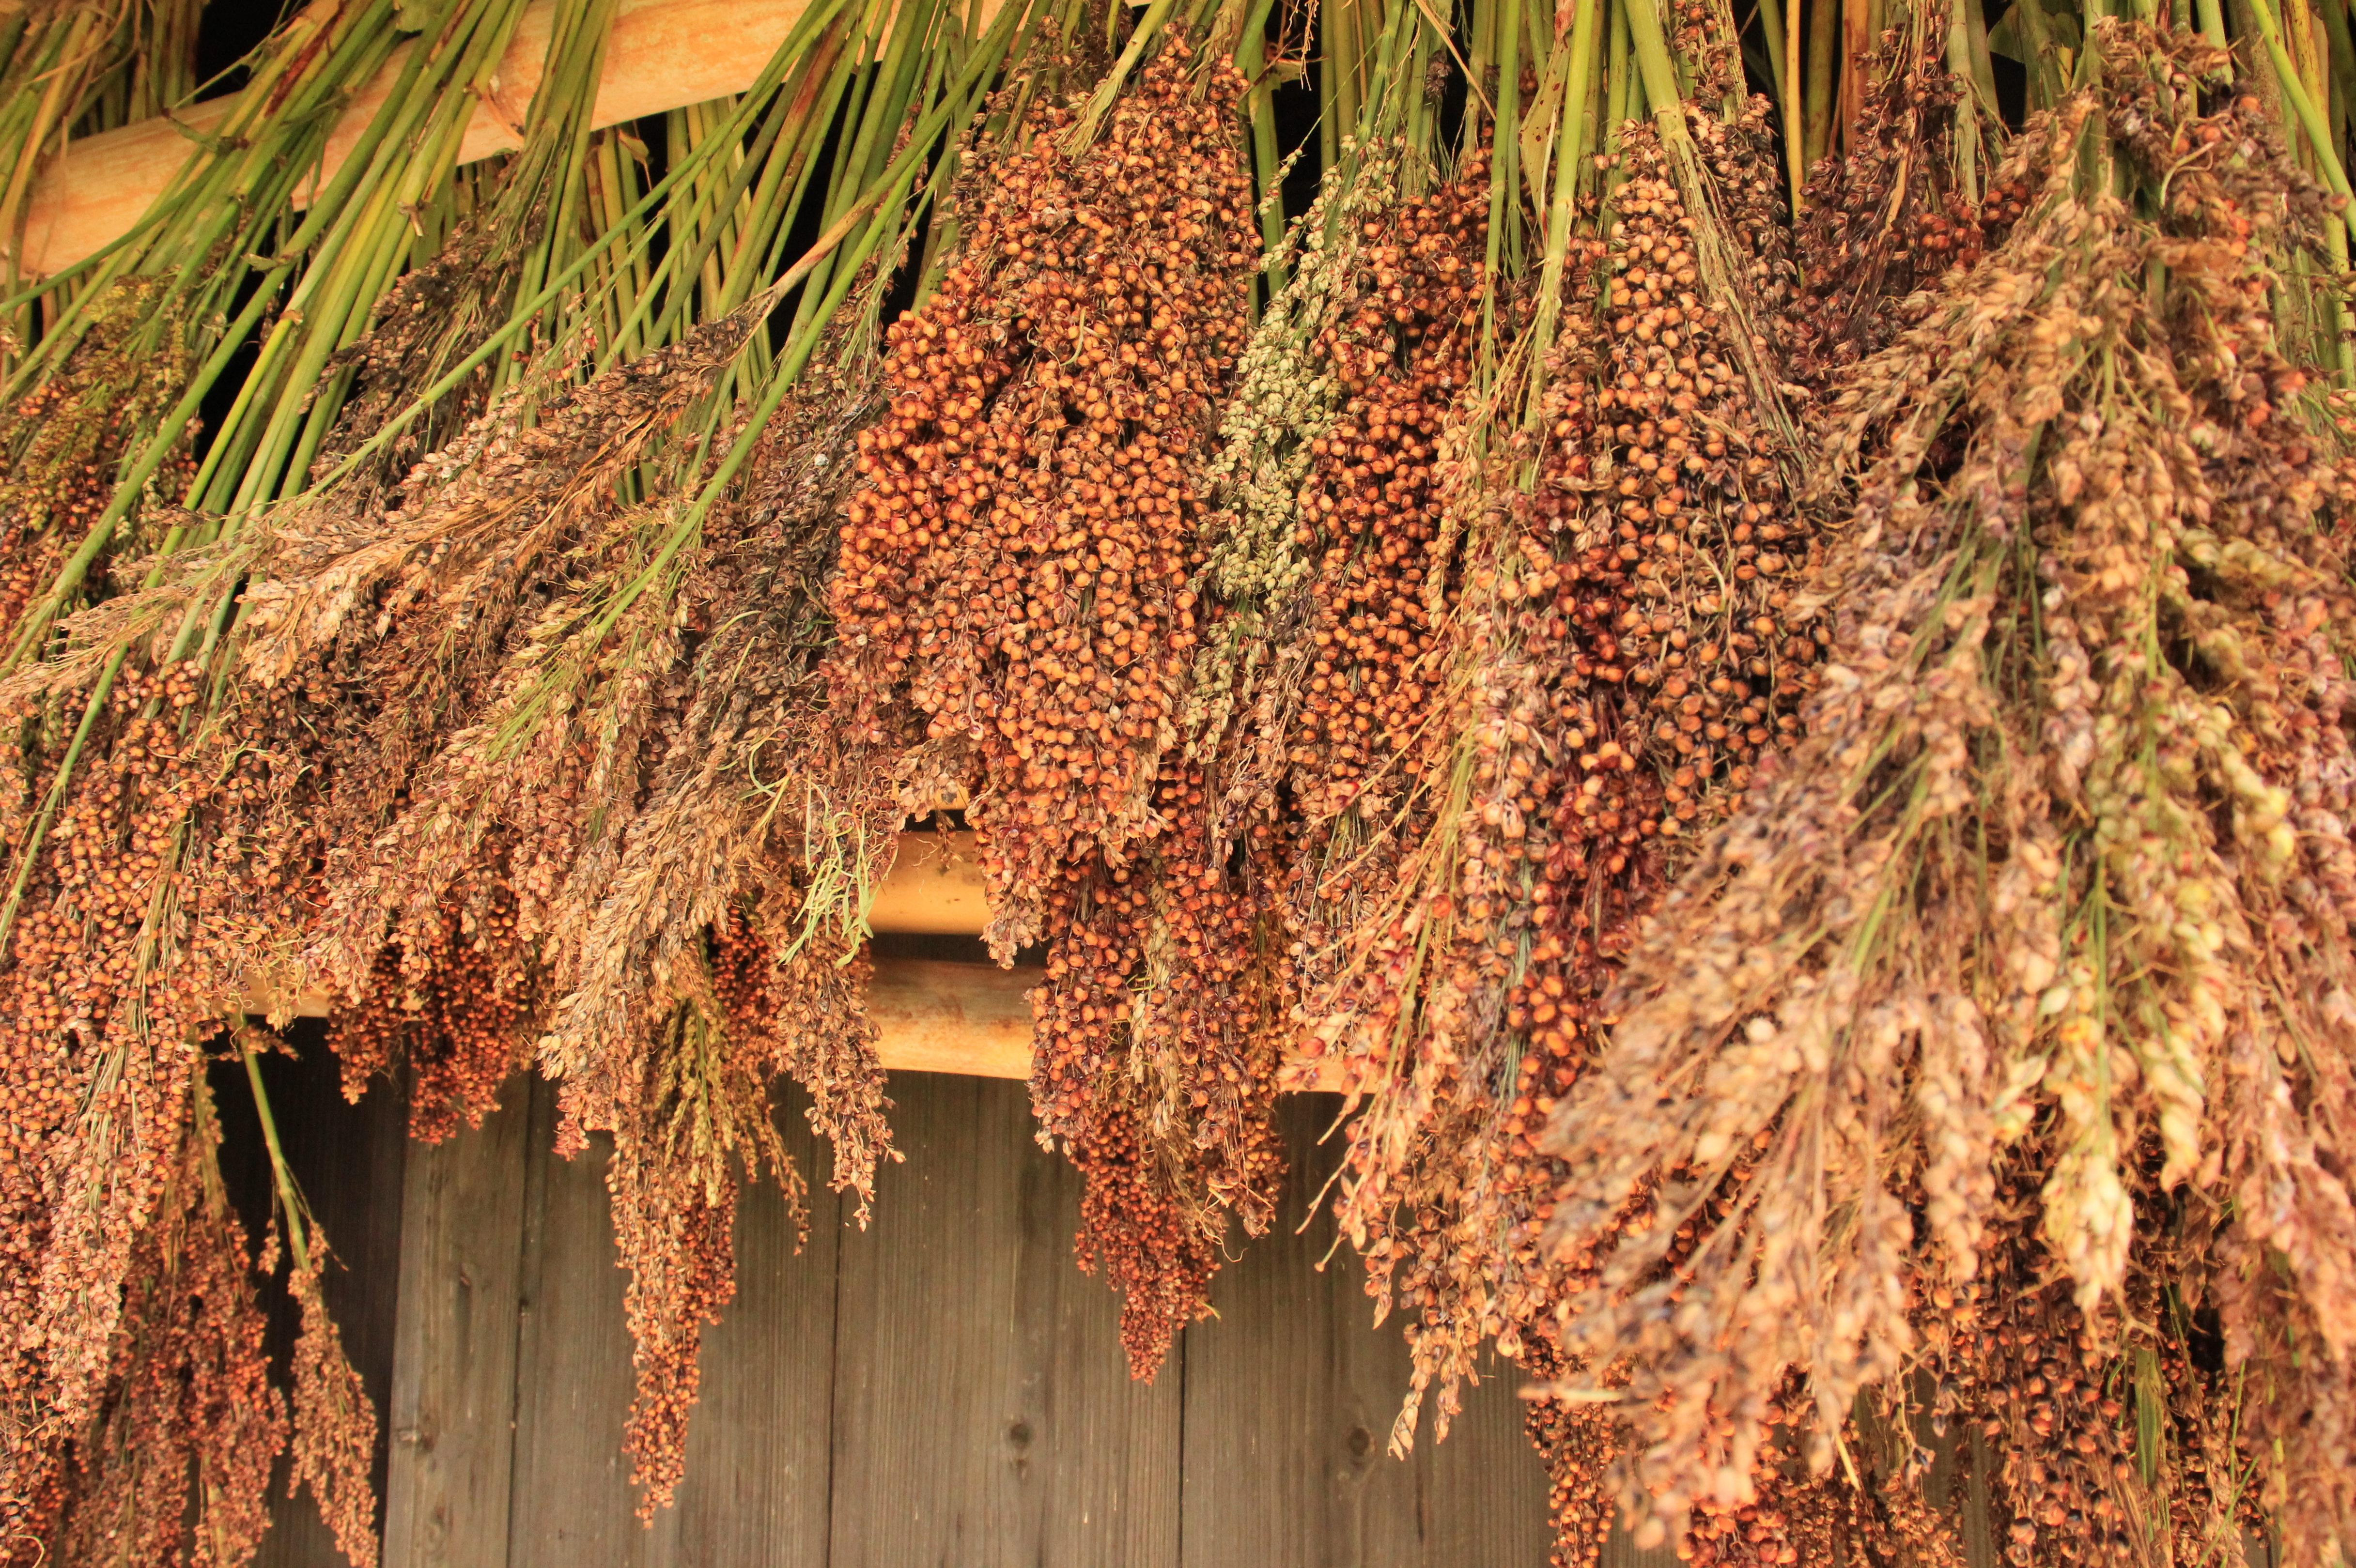 タカキビ収穫🌾